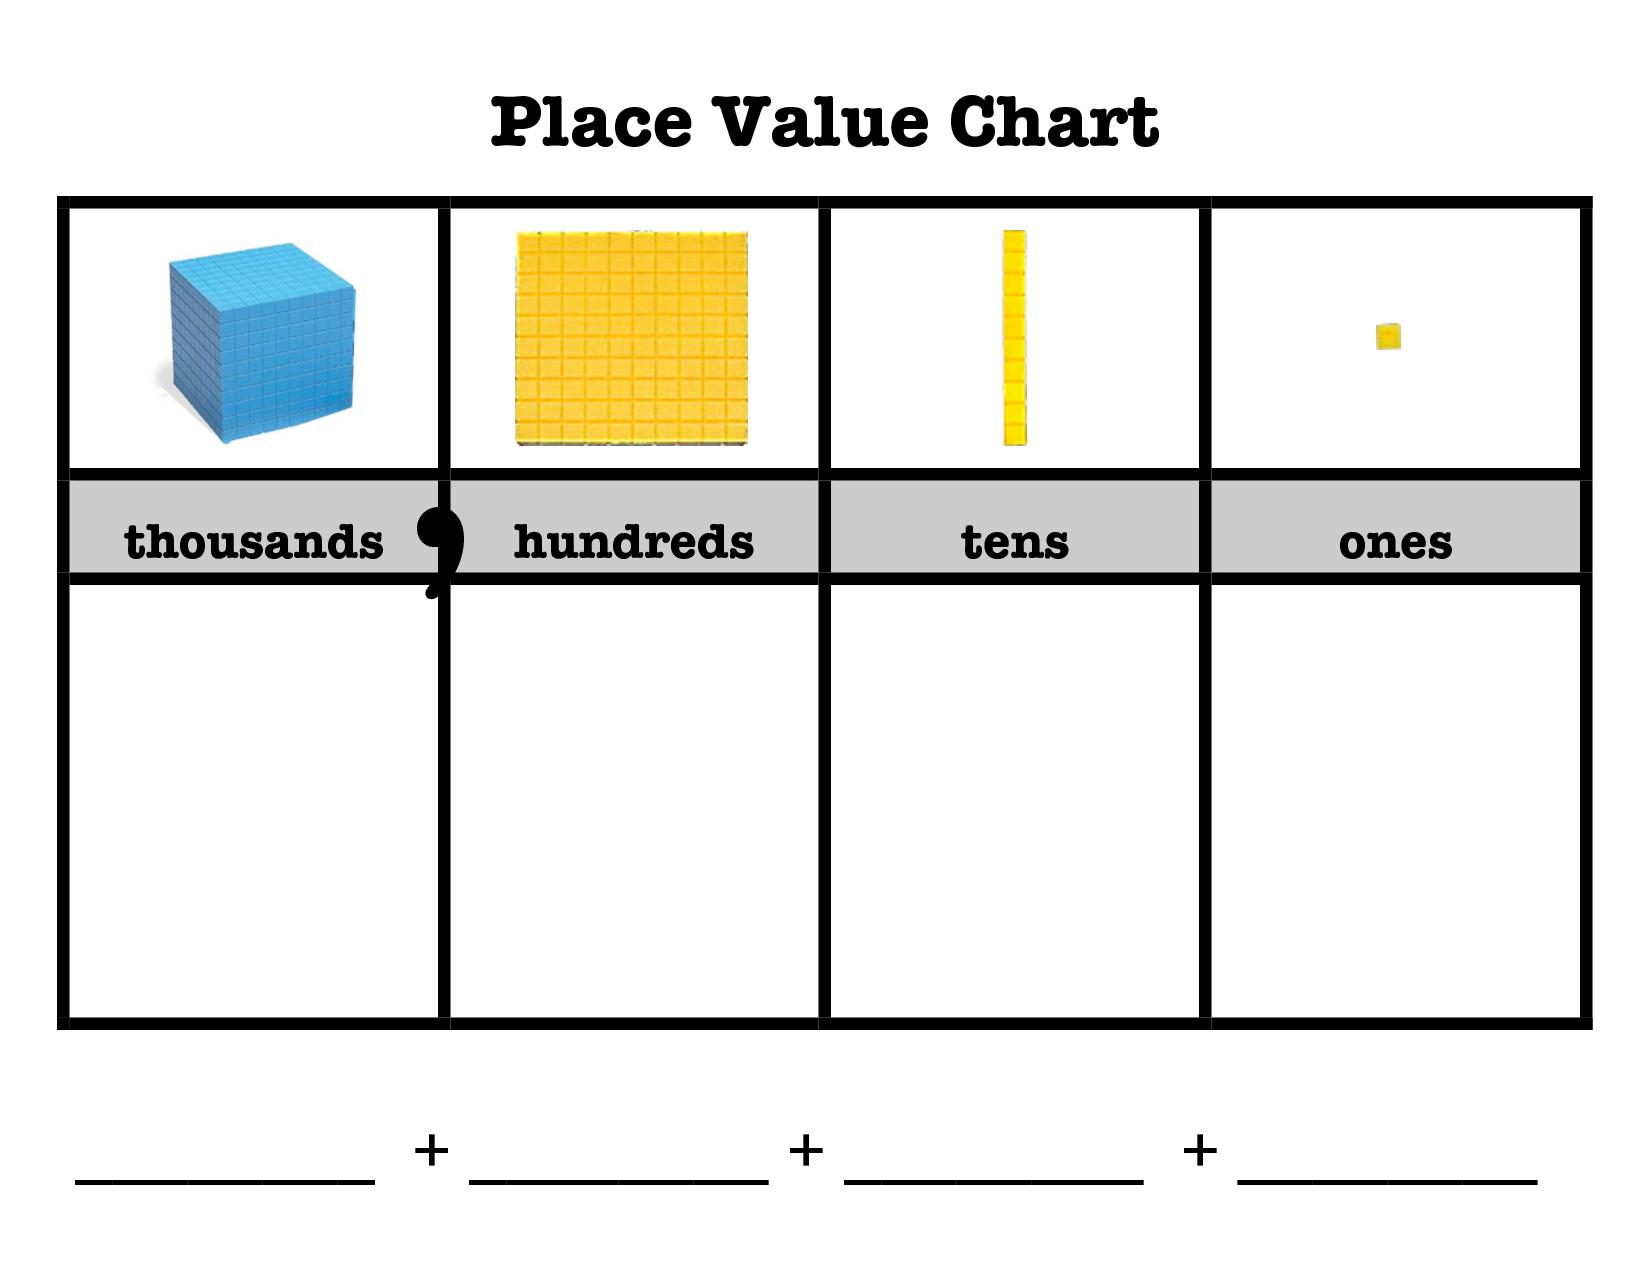 thousands place value chart  [ 1650 x 1275 Pixel ]